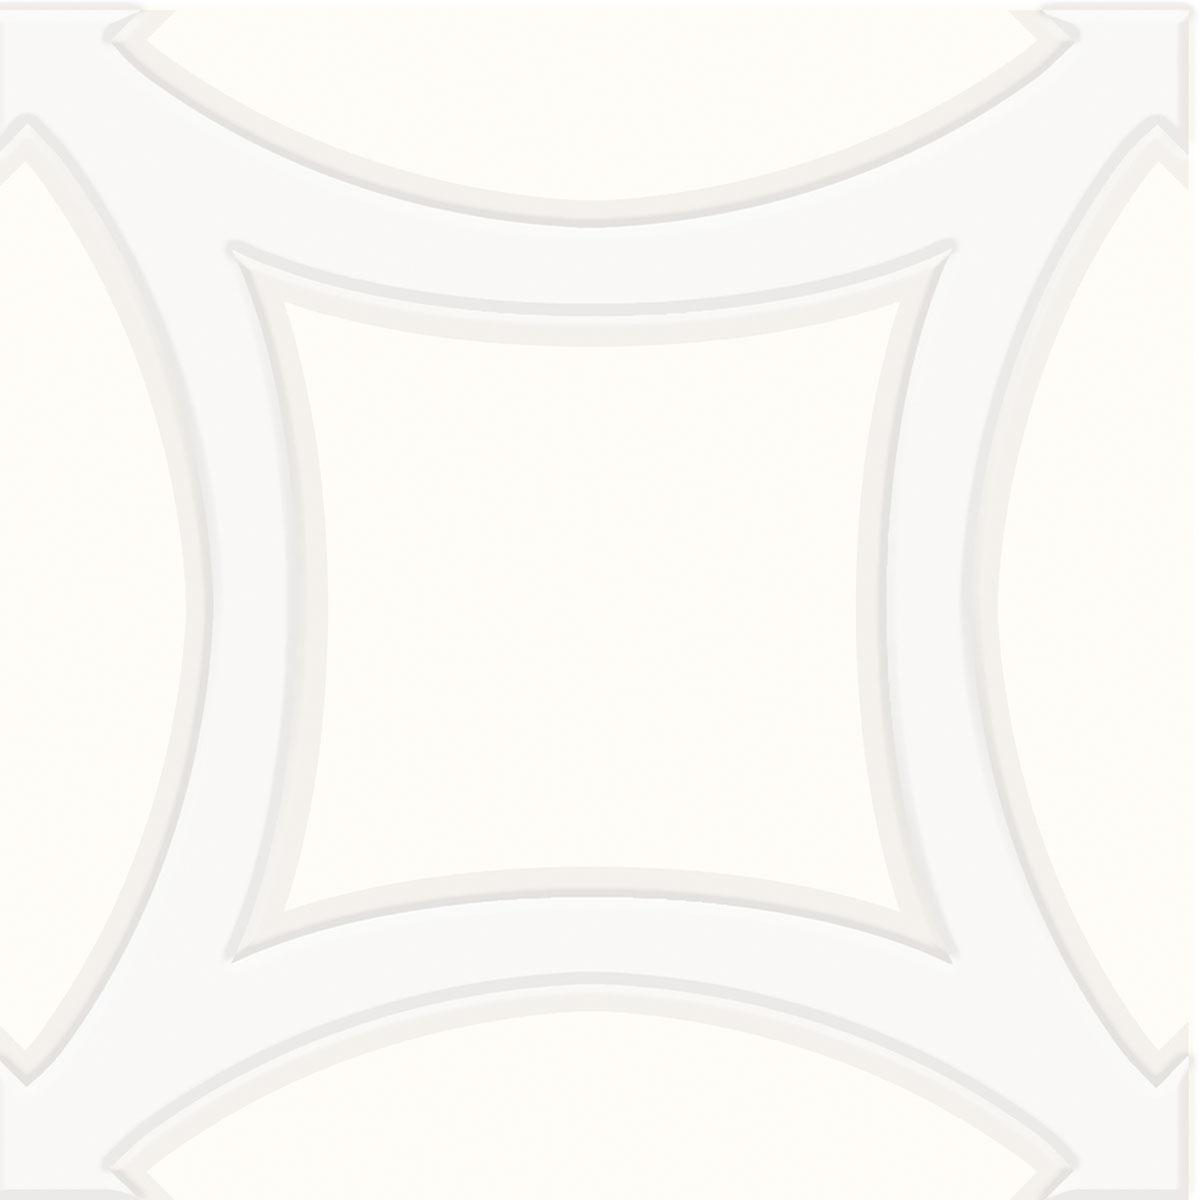 Signorino: 5. White on White